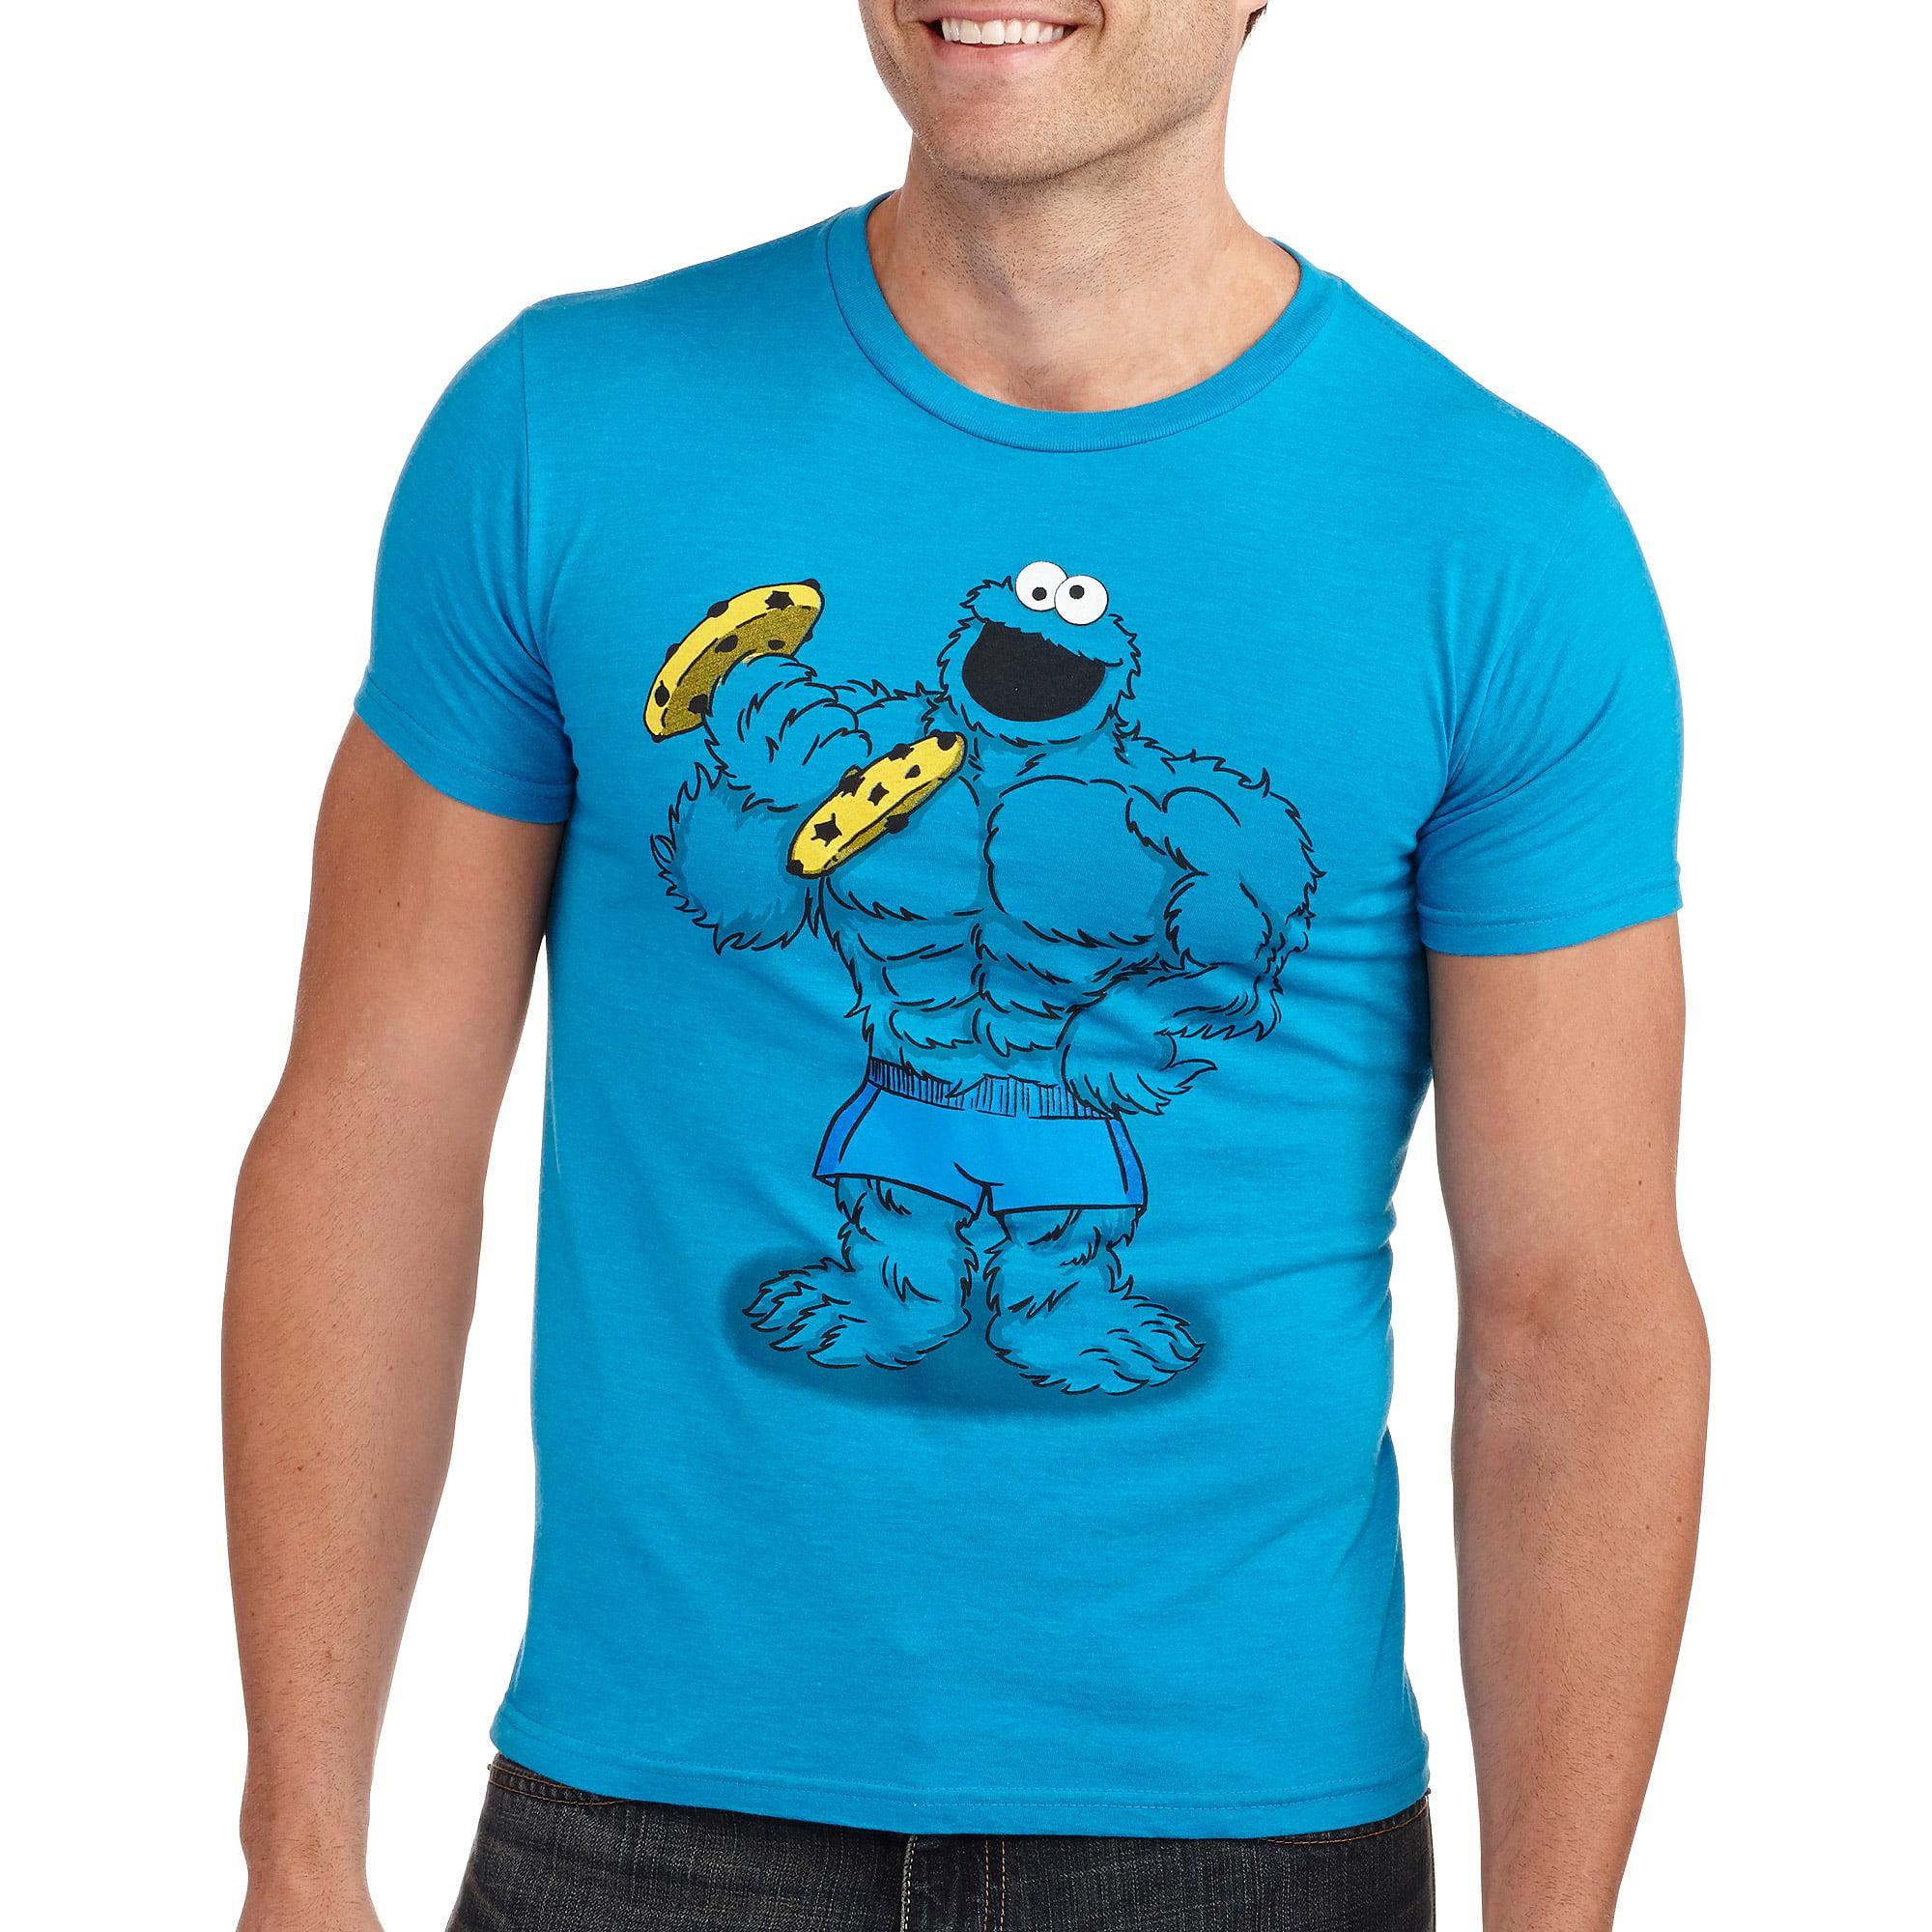 Buff cookie monster Men s graphic tee Walmart